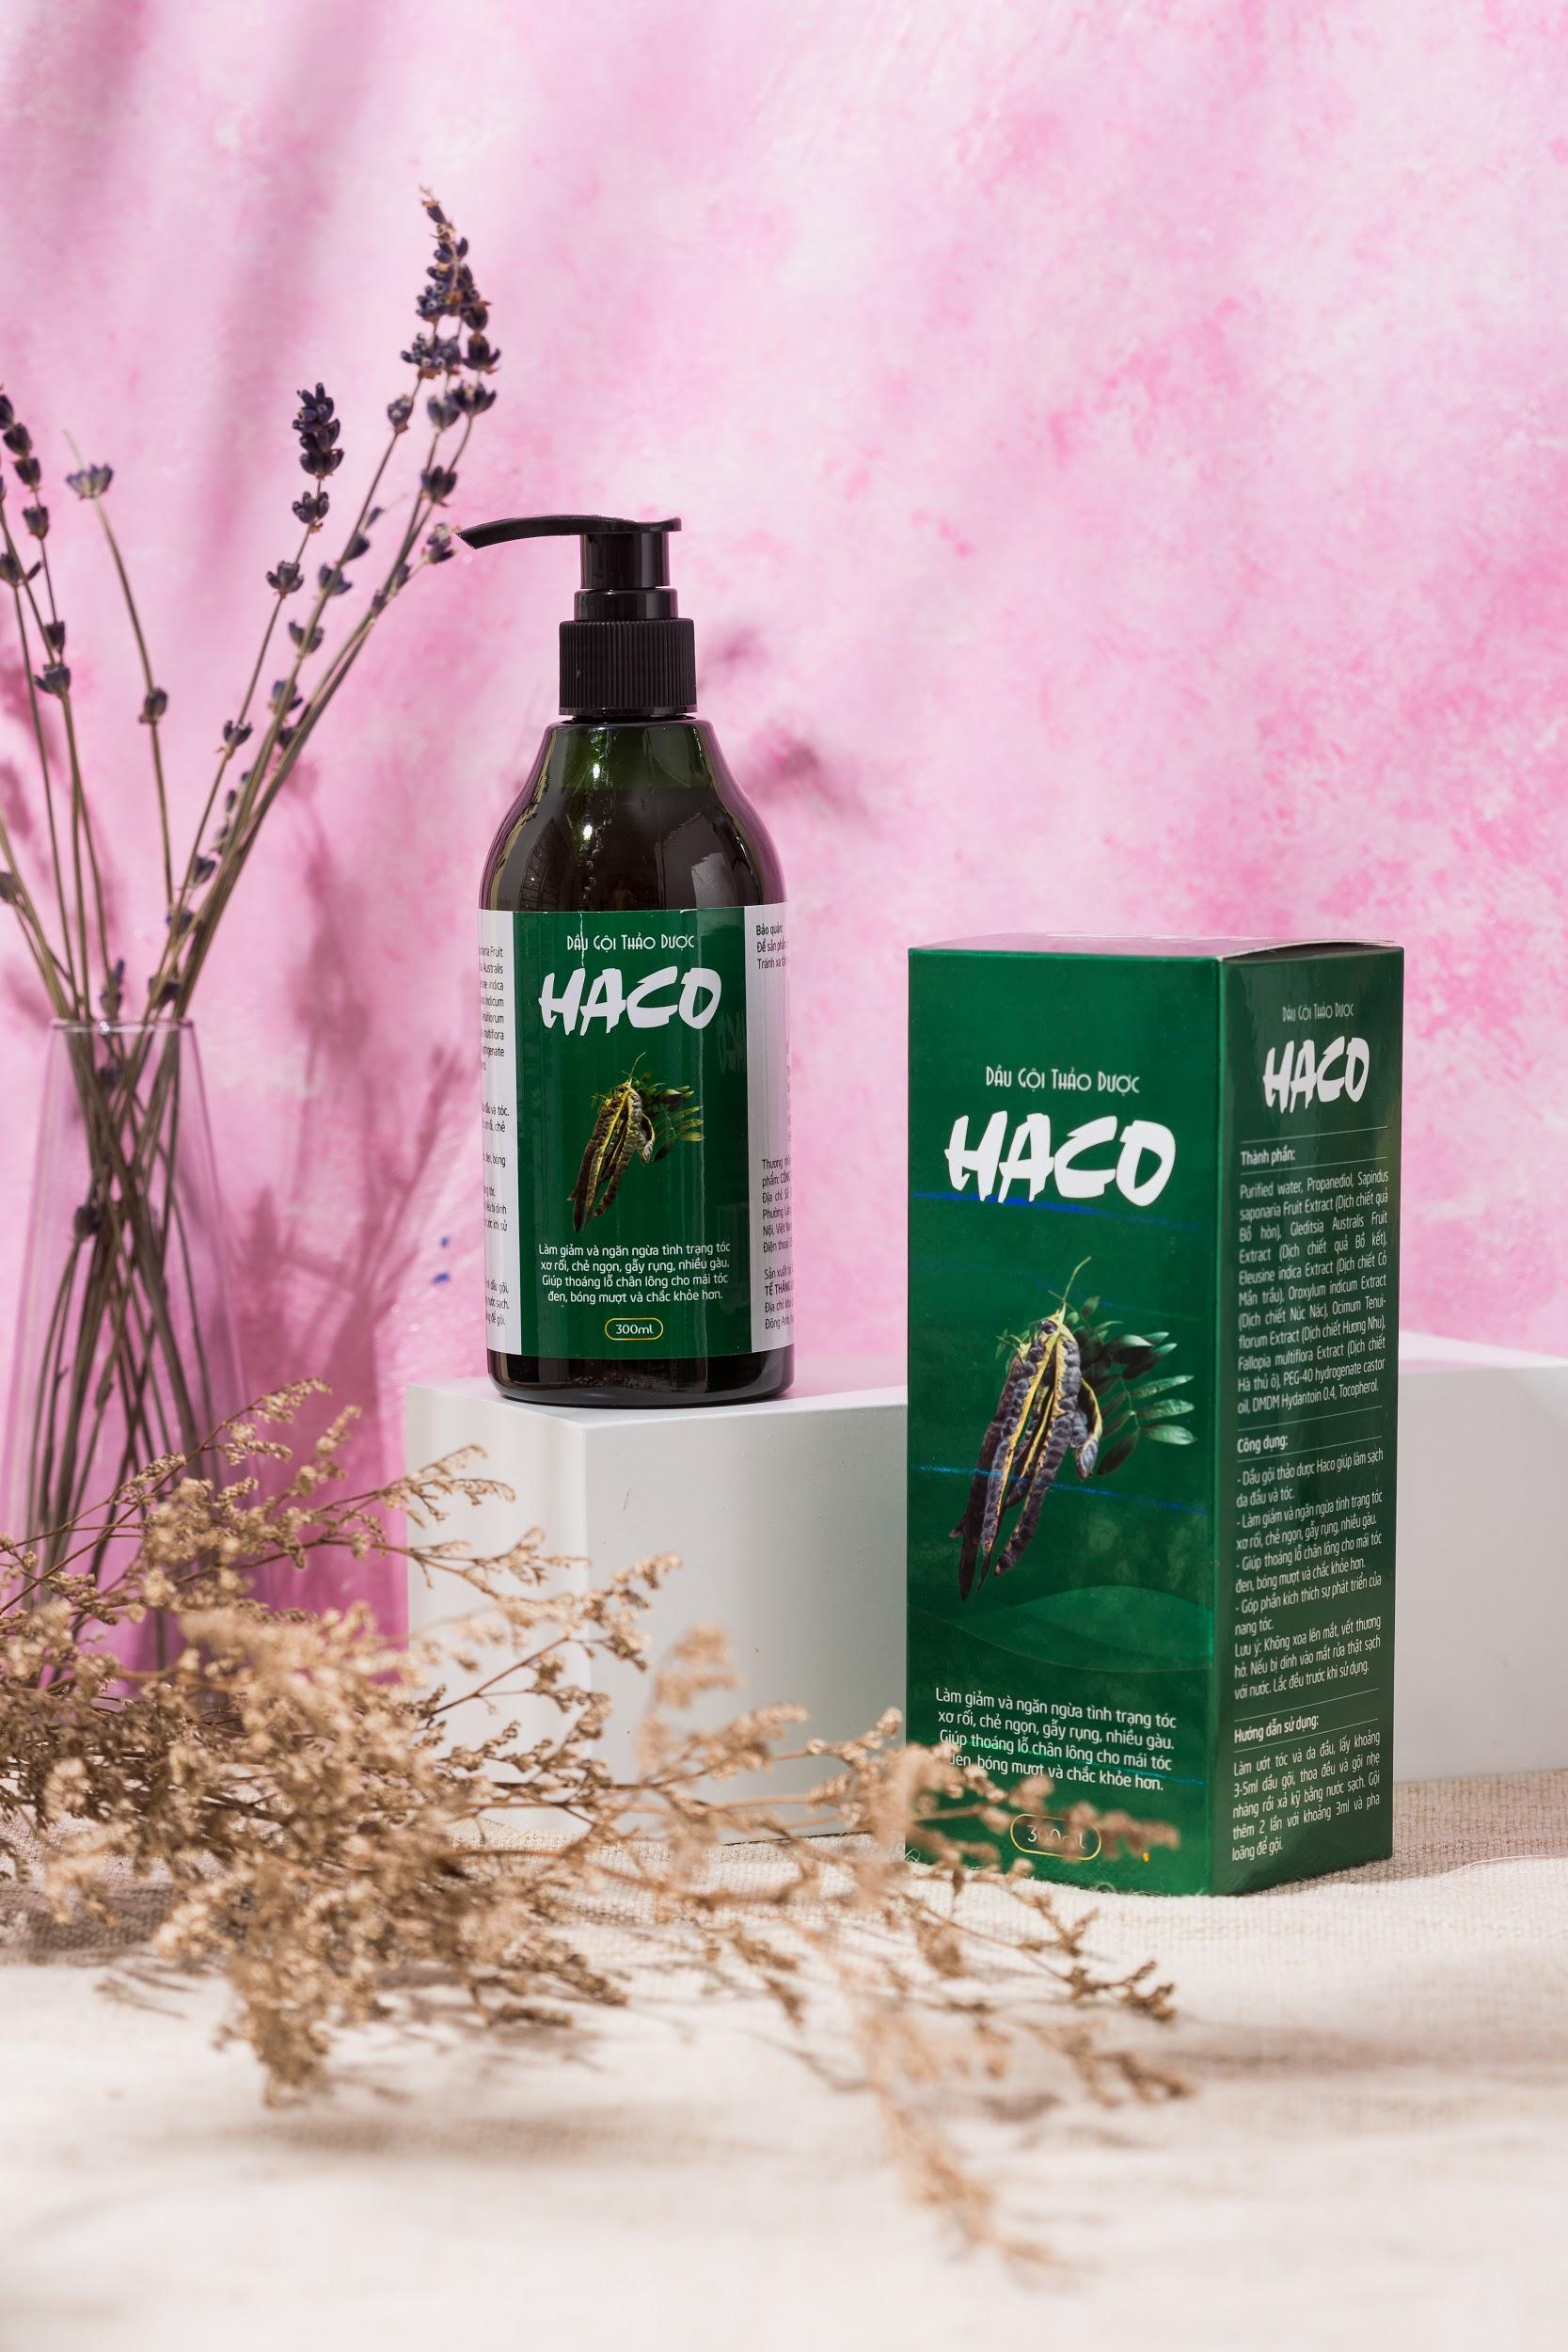 """3 lý do nên lựa chọn bộ sản phẩm Tóc Haco để có một mái tóc """"không tuổi""""  - Ảnh 3"""